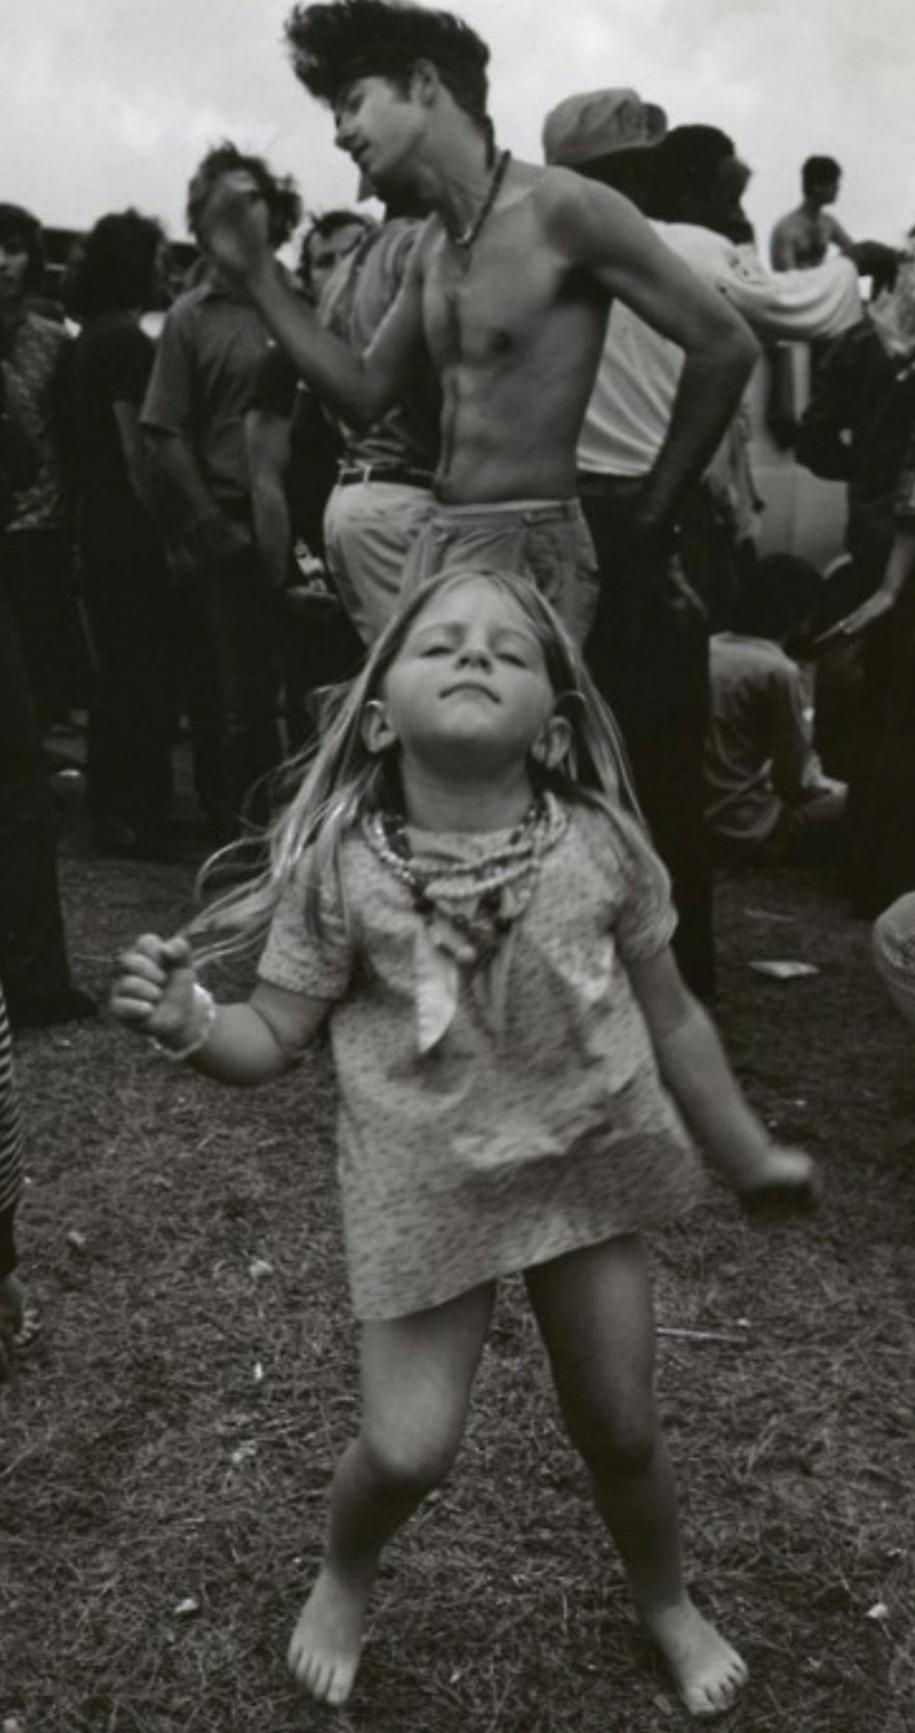 women-fashion-of-60s-woodstock-1969-15